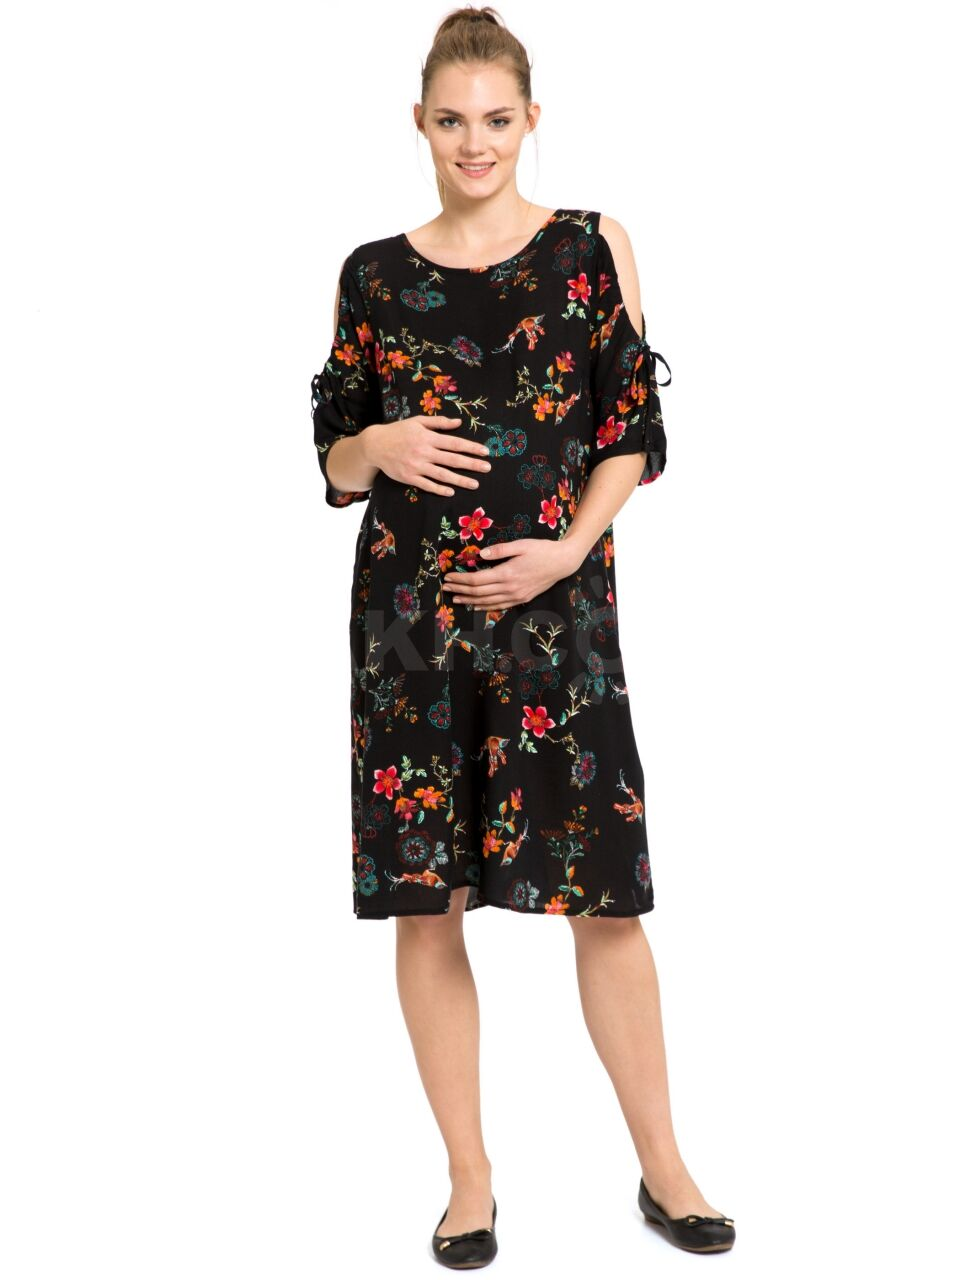 d3f899a30 Большой ассортимент одежды для беременных - футболки. туники, леггинсы,  брюки, джинсы, комбинезоны, юбки, платья. Все на странице (ссылка